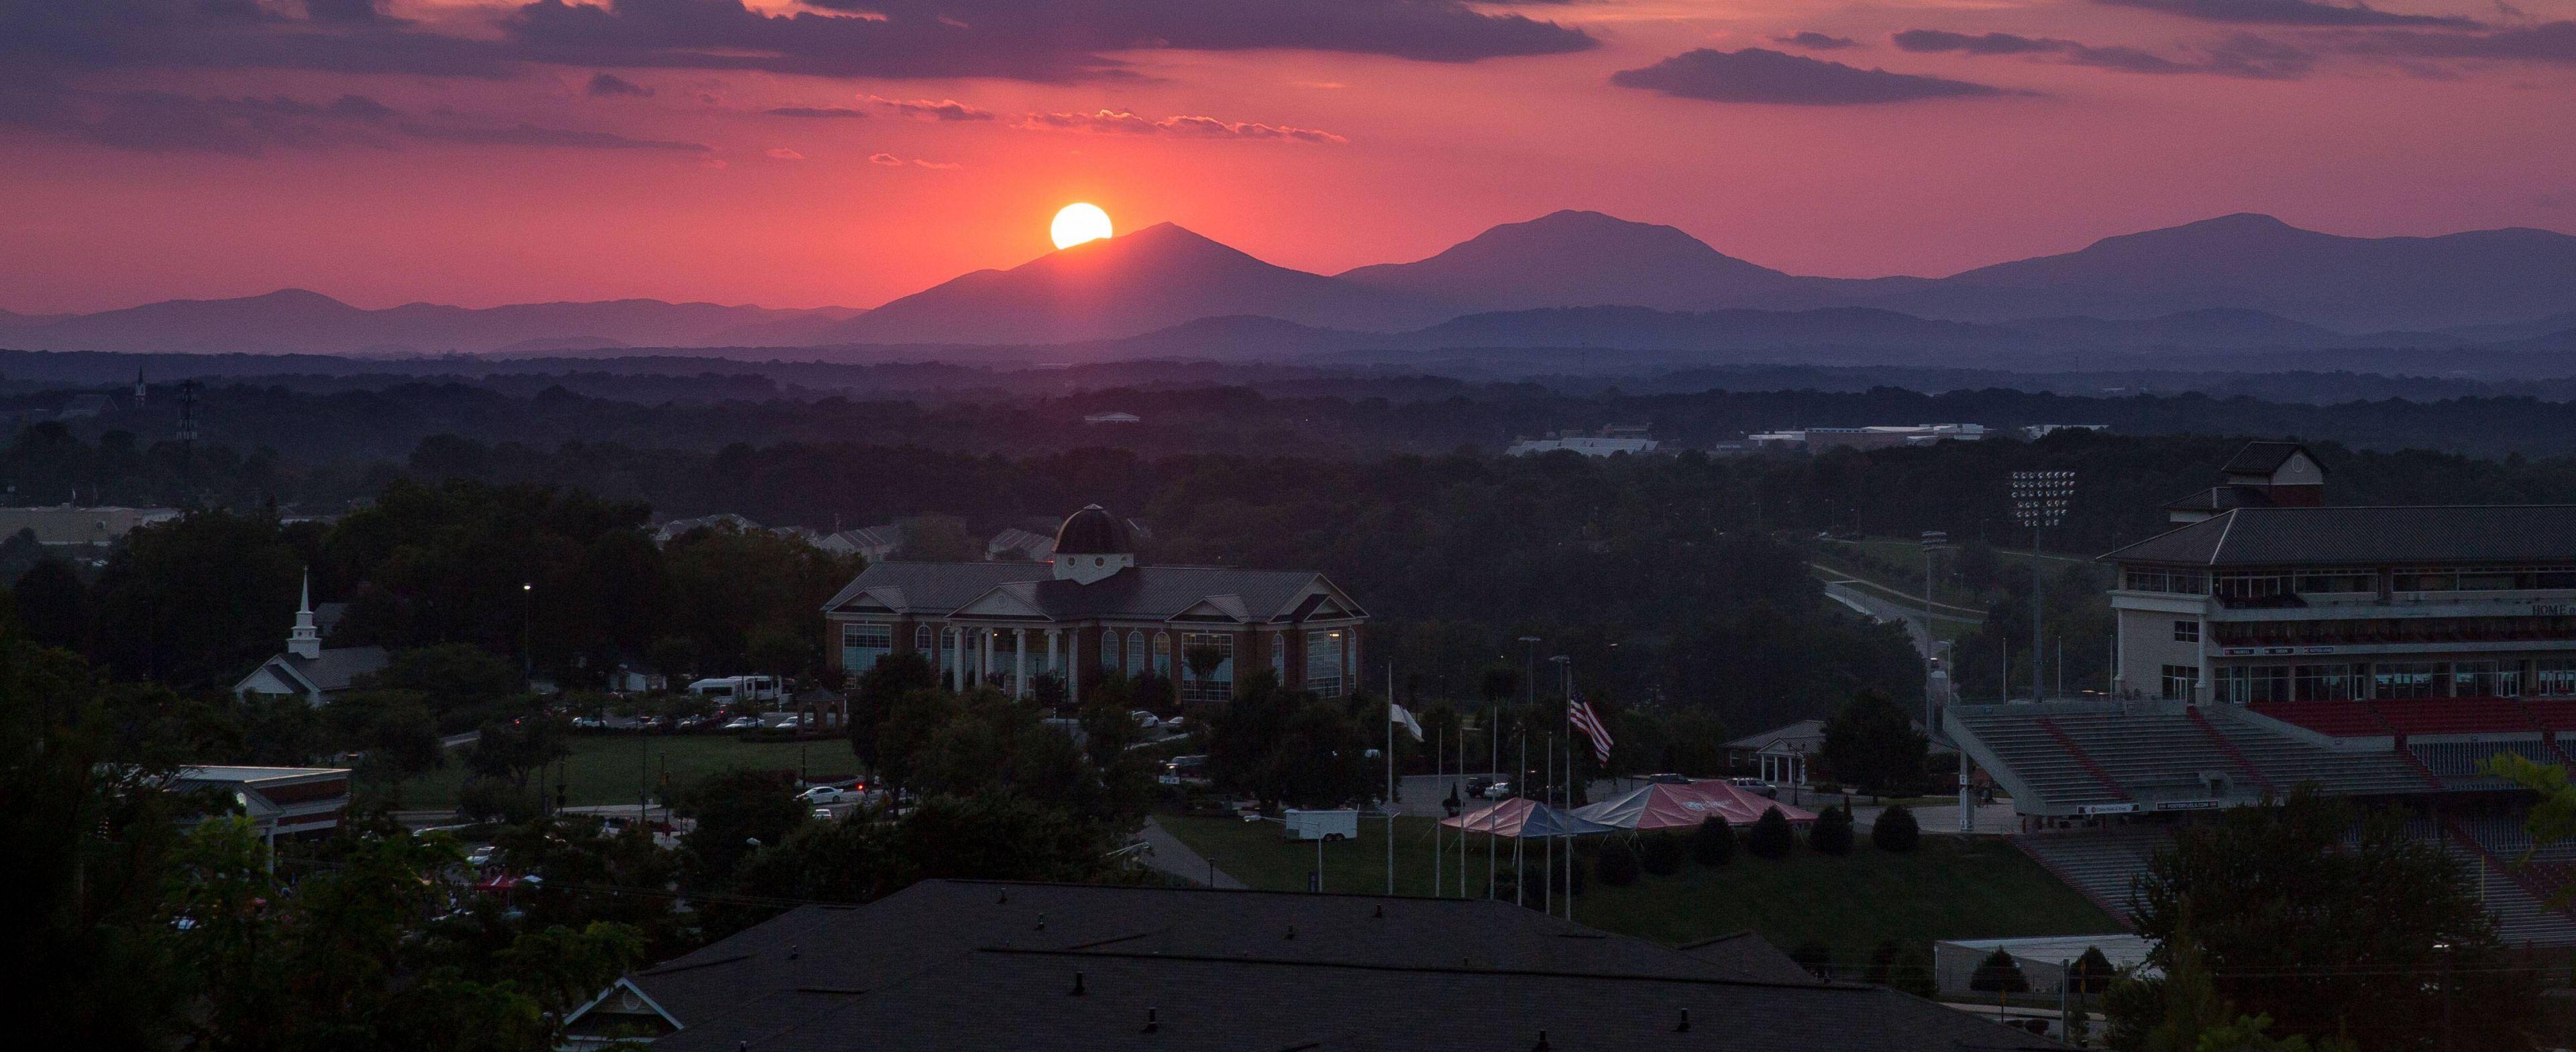 Article: LU Ranked Best College in Virginia Online Degree Programs